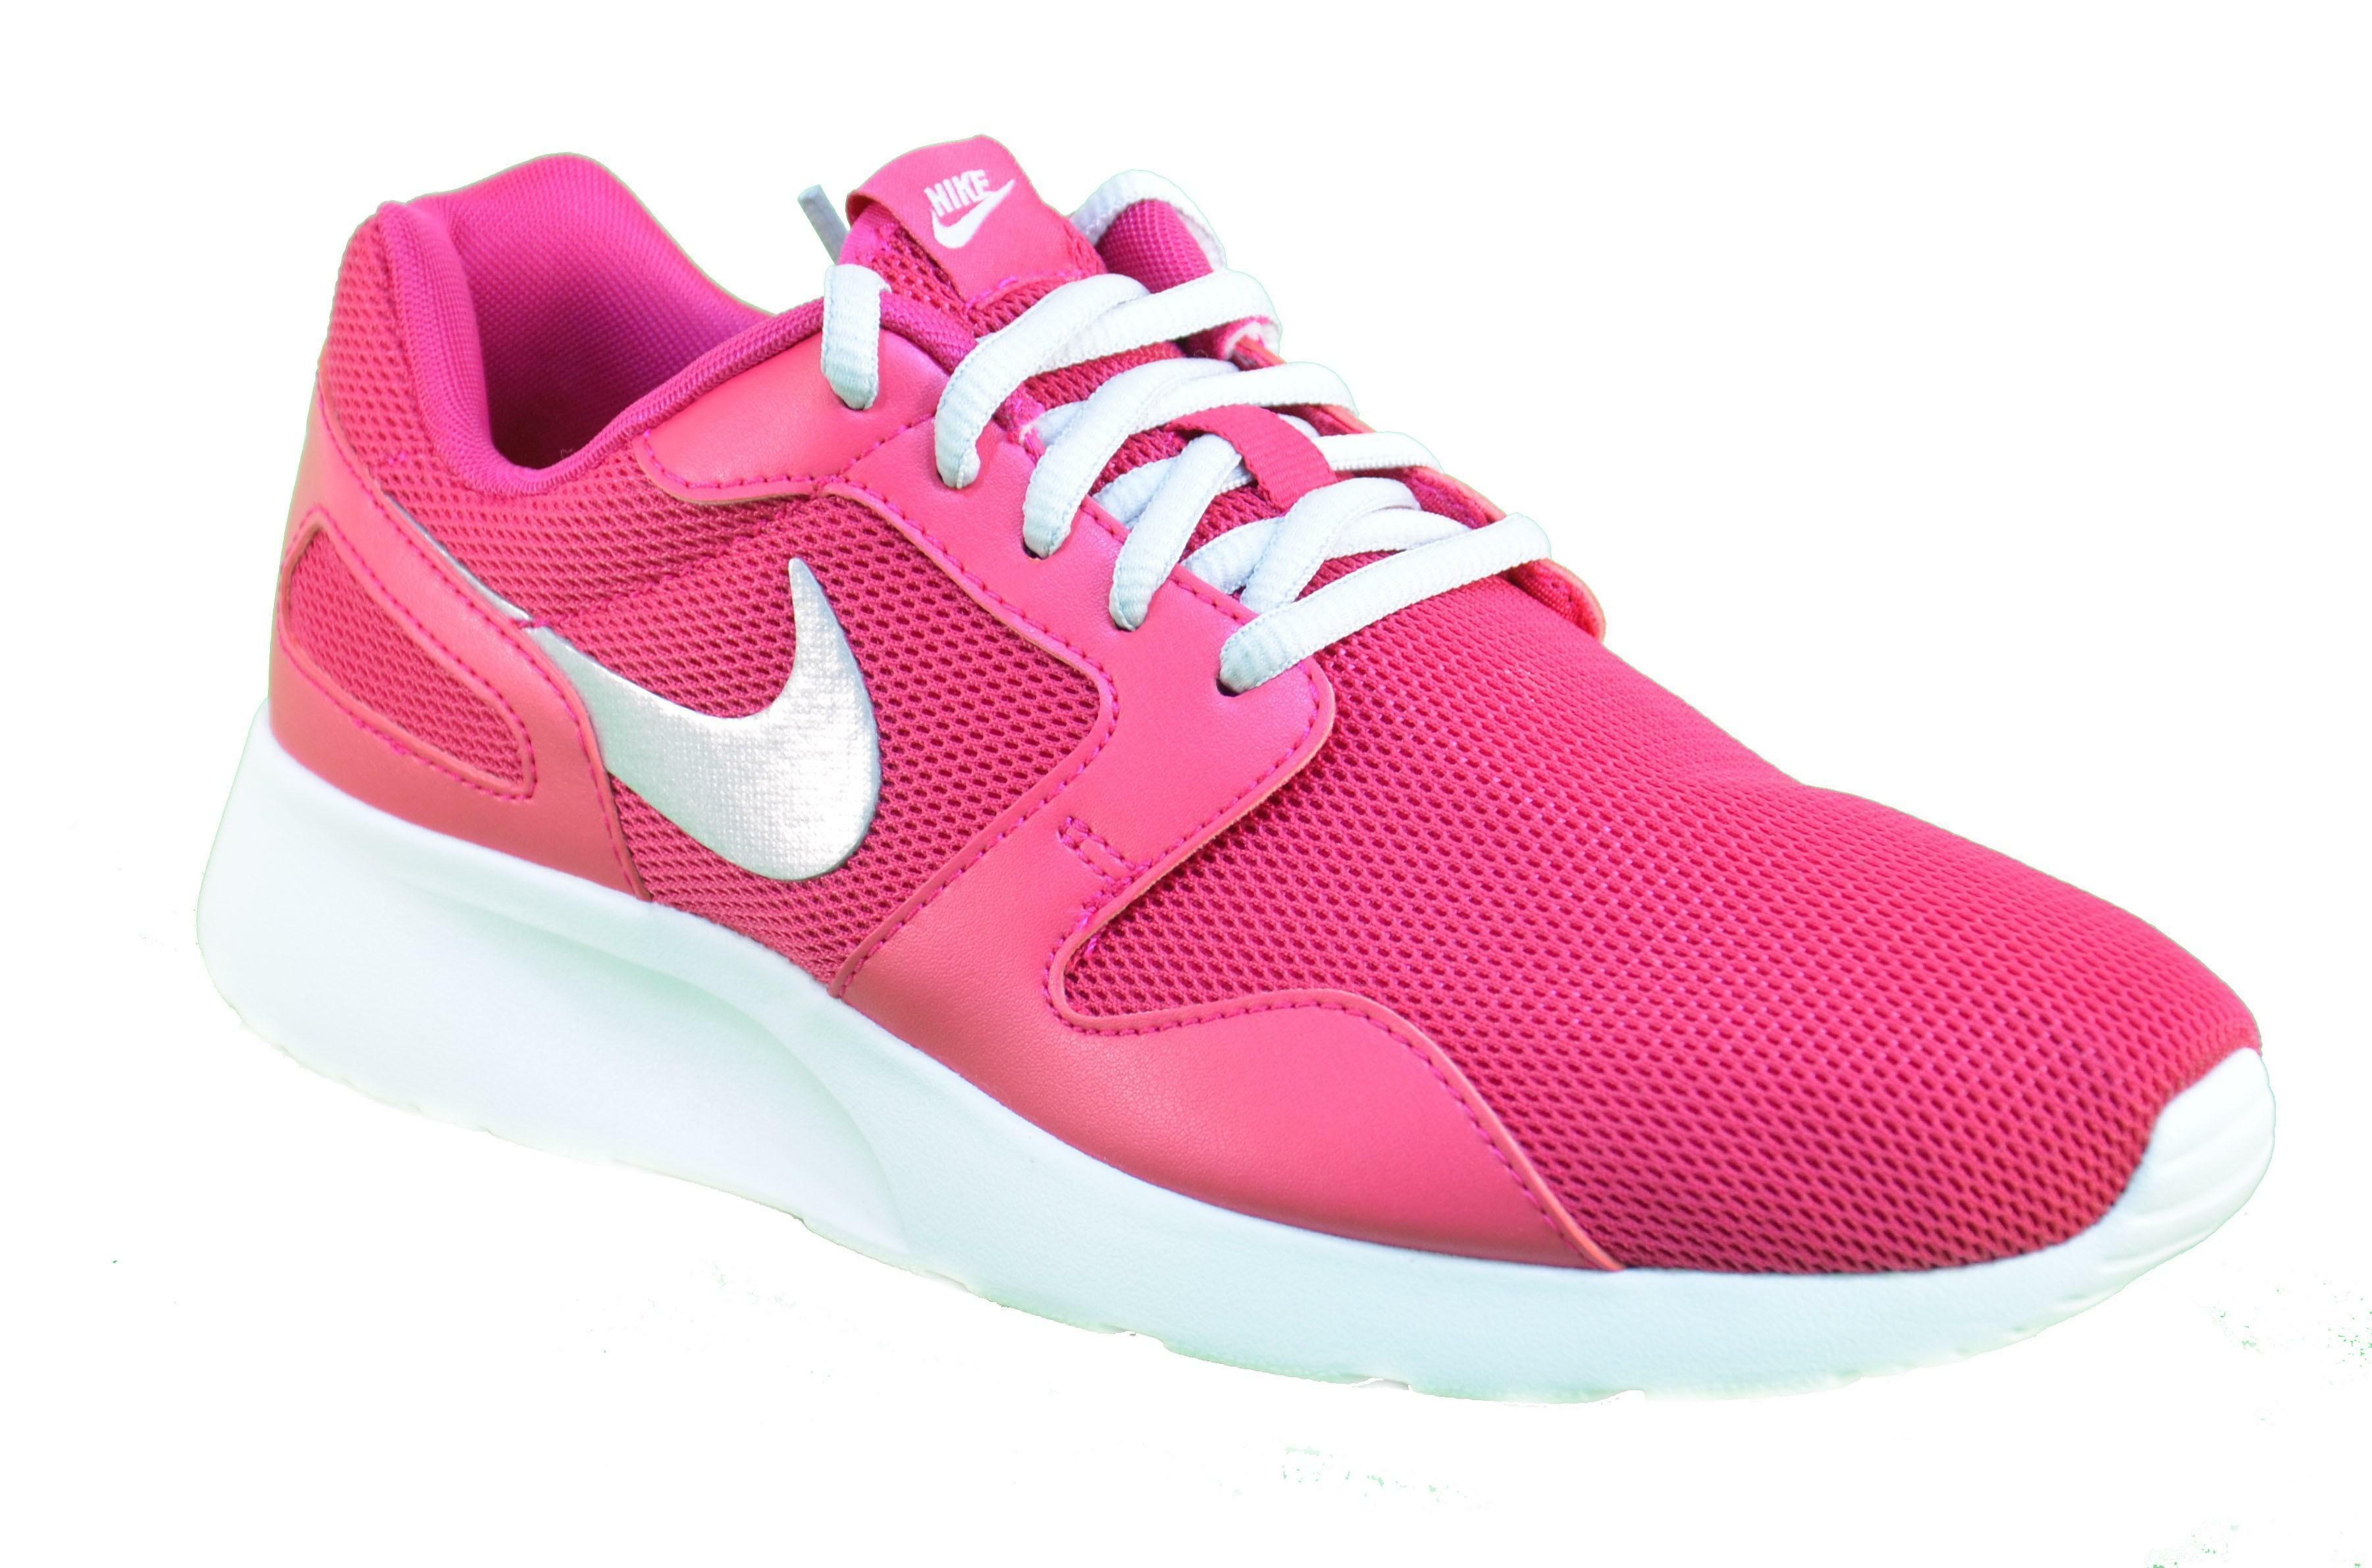 nike nike scarpe donna kaishi  wmns tela rosa lacci 654845 601